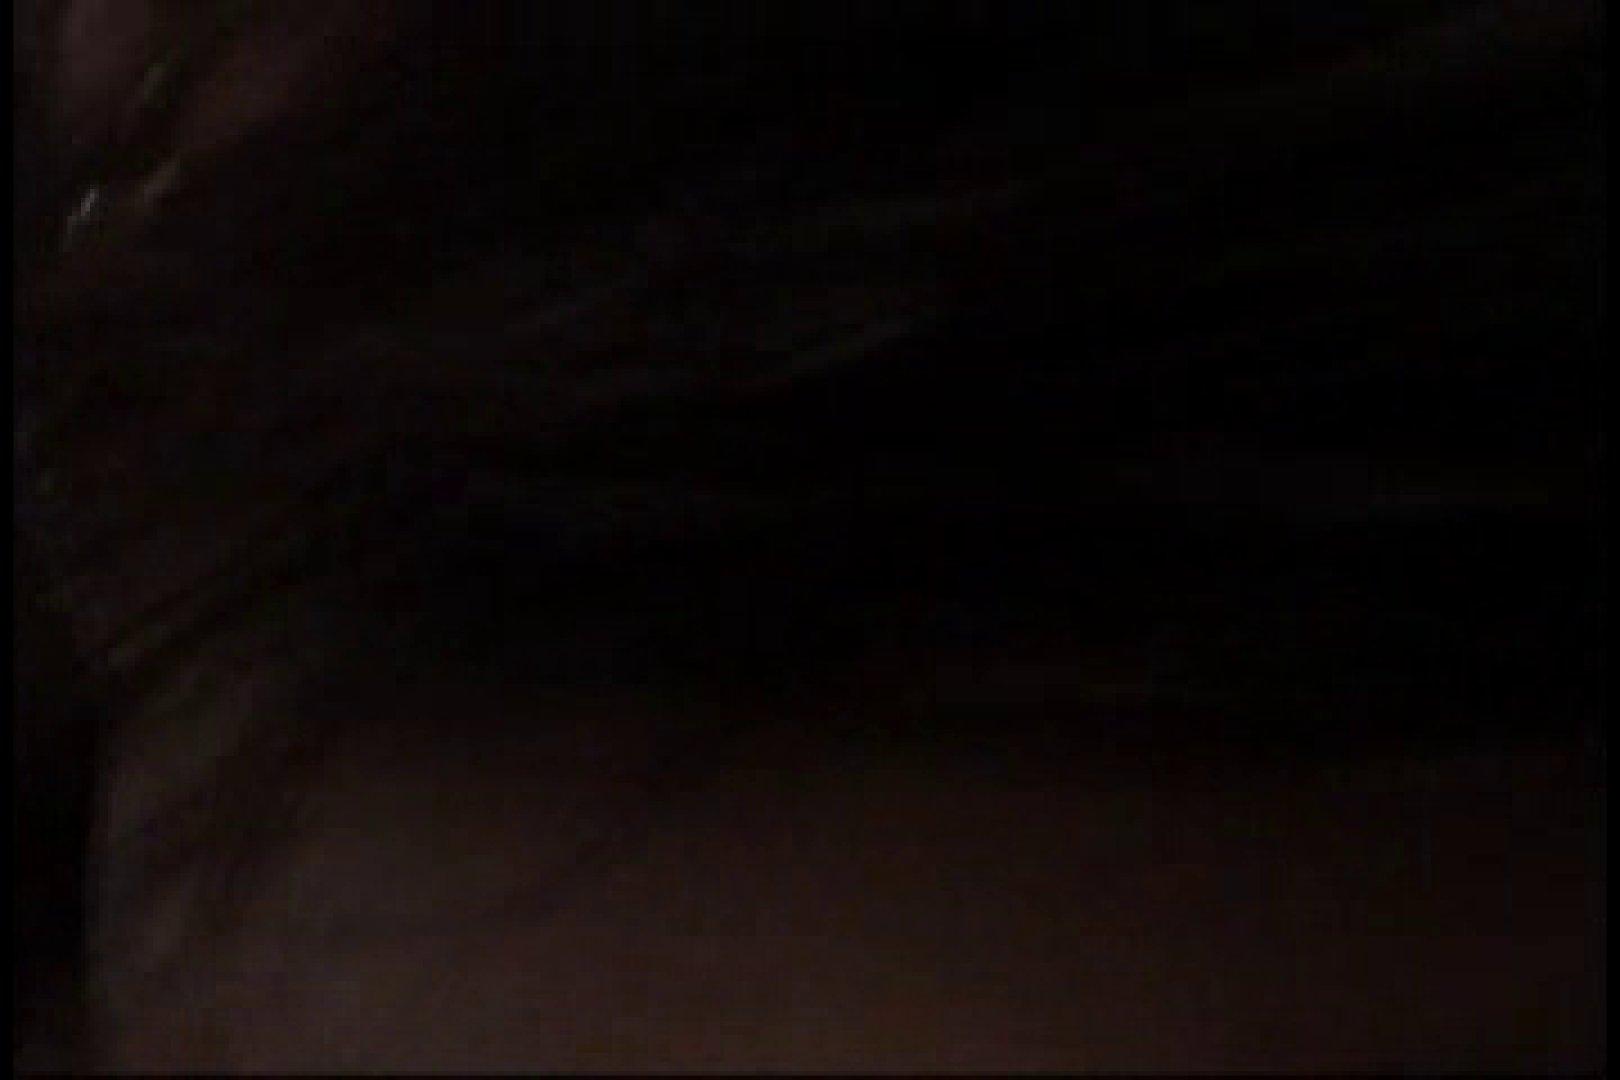 三ッ星シリーズ!!イケメン羞恥心File.05 ハメ撮り ゲイエロビデオ画像 92枚 35